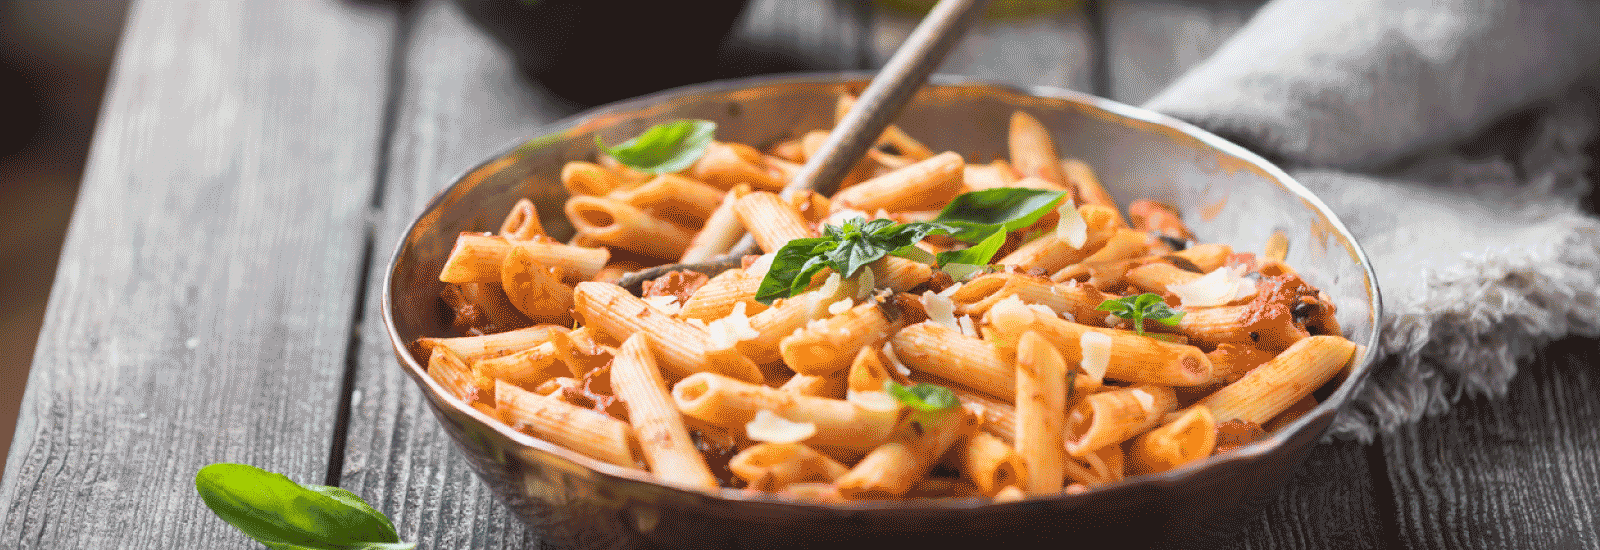 Italian Restaurants in Colorado Springs